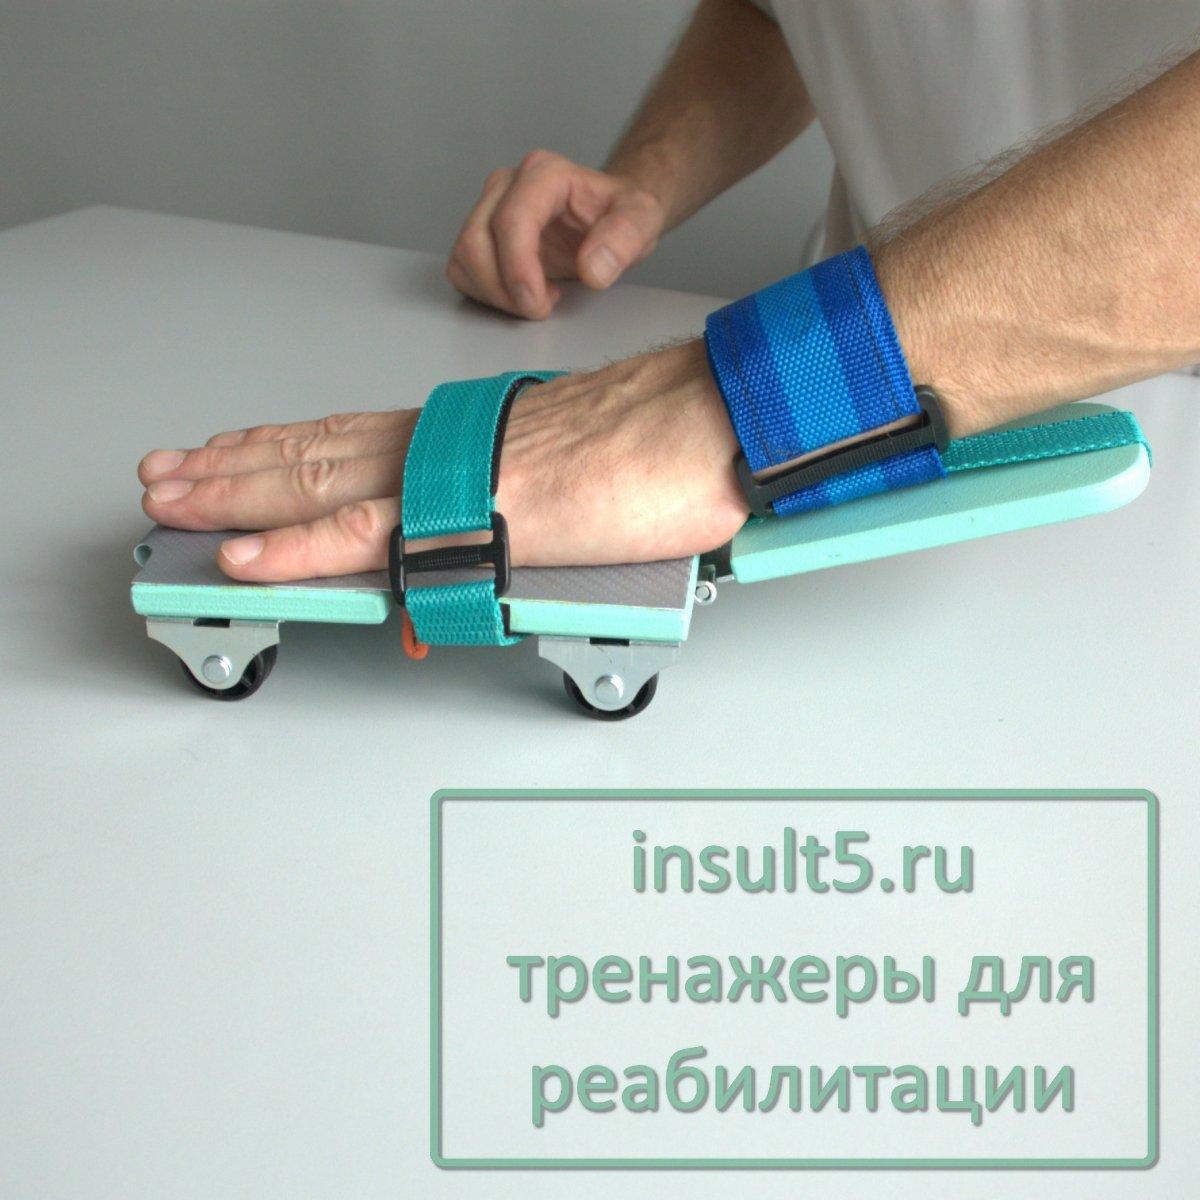 Тренажёр для разработки суставов пальцев рук боль в локтевом суставе при сгибании